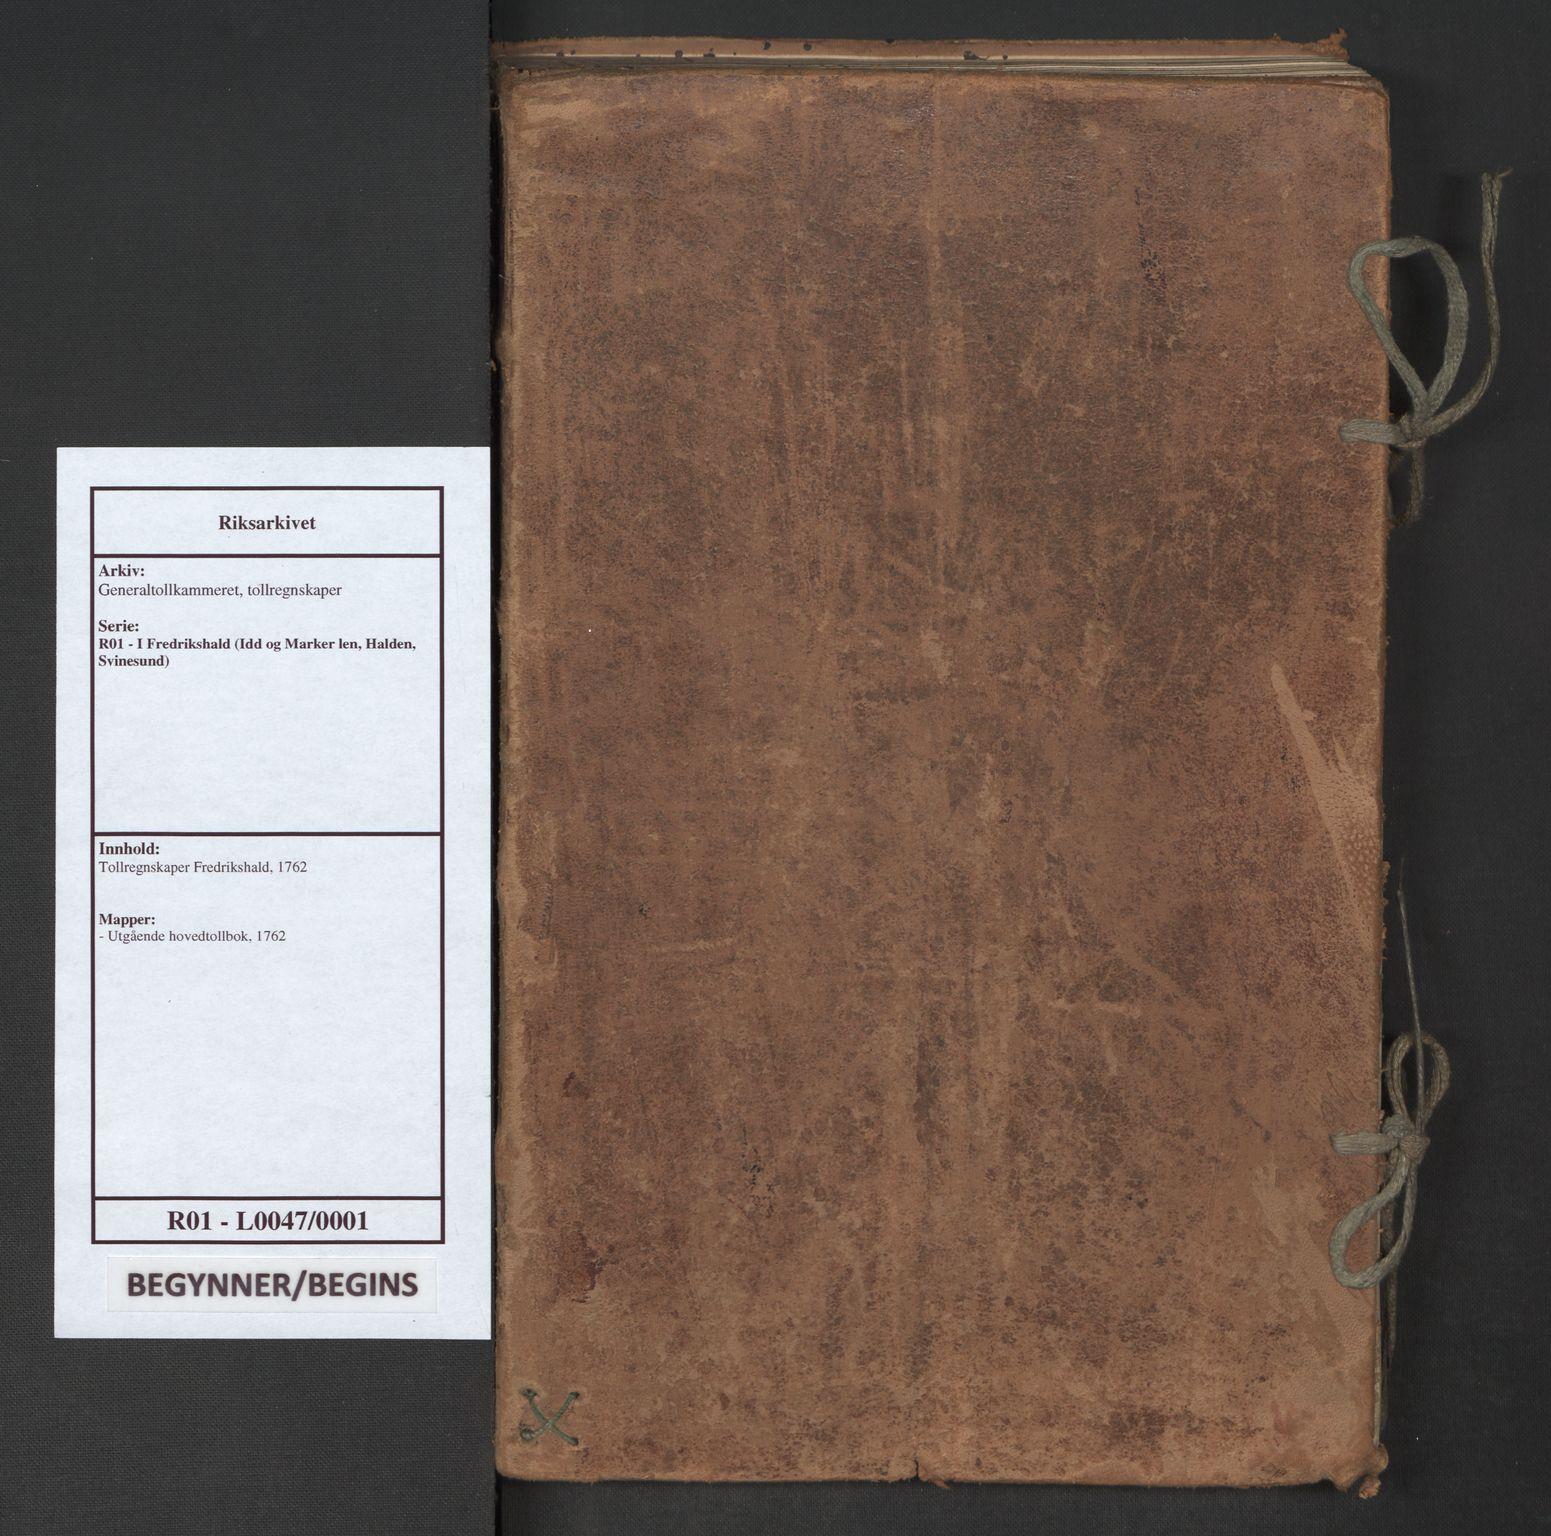 RA, Generaltollkammeret, tollregnskaper, R01/L0047: Tollregnskaper Fredrikshald, 1762